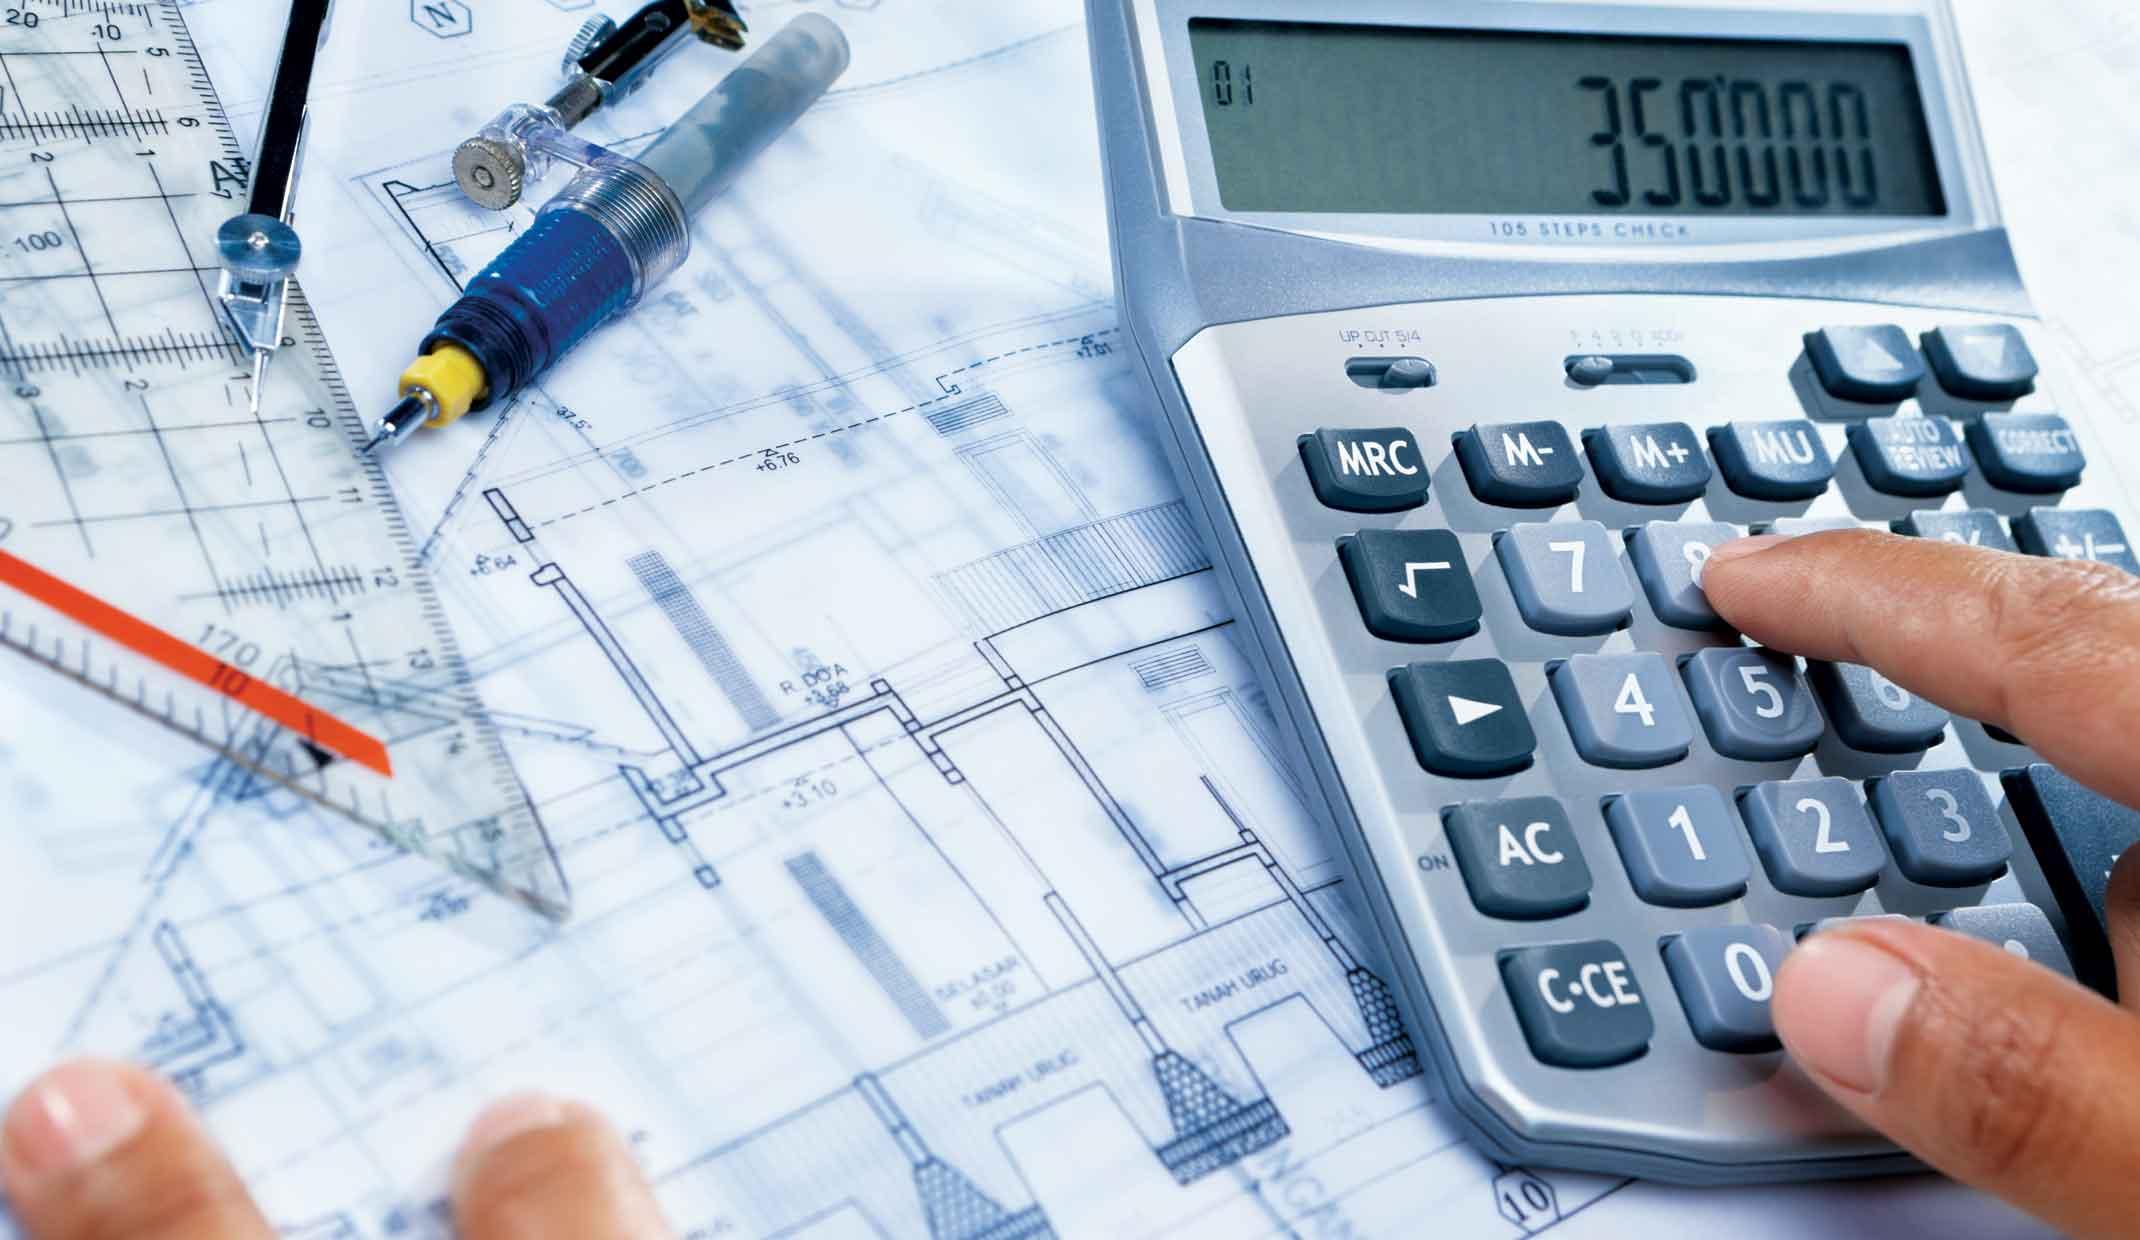 Оформление ремонтно-строительной документации